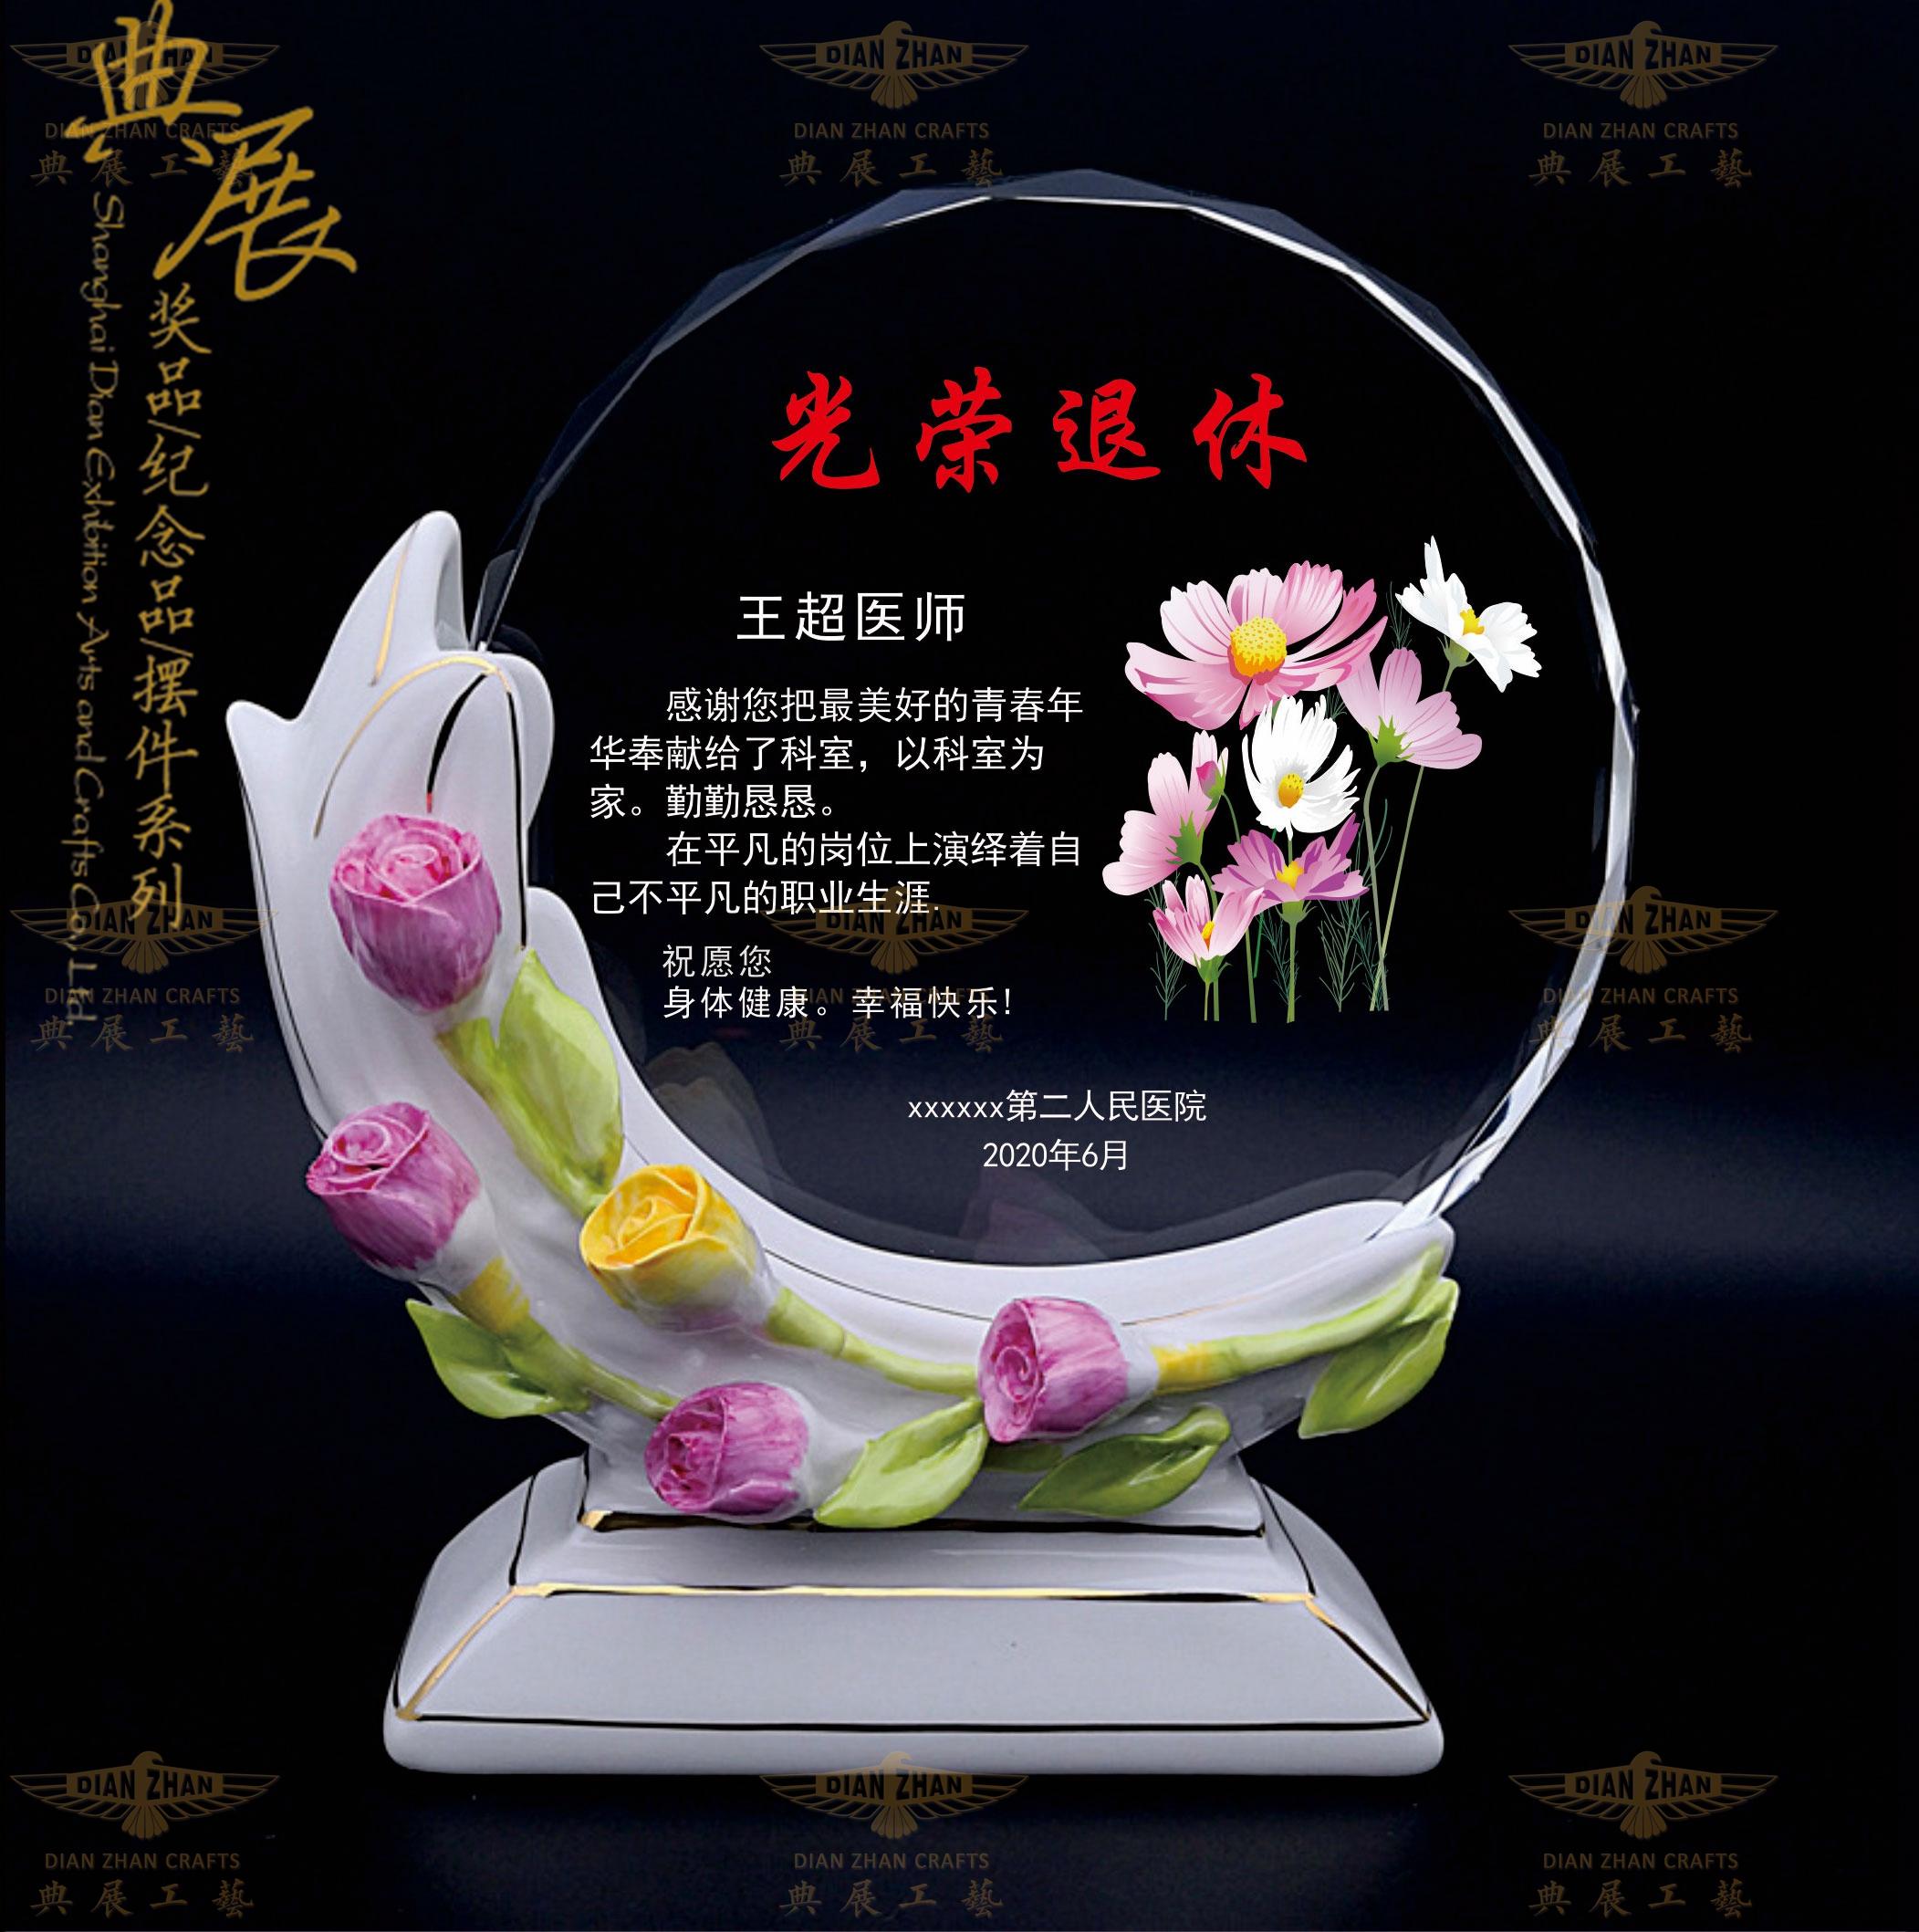 玫瑰花陶瓷底座奖牌,女职工退休留念品,鹤岗市社区活动奖杯刻字